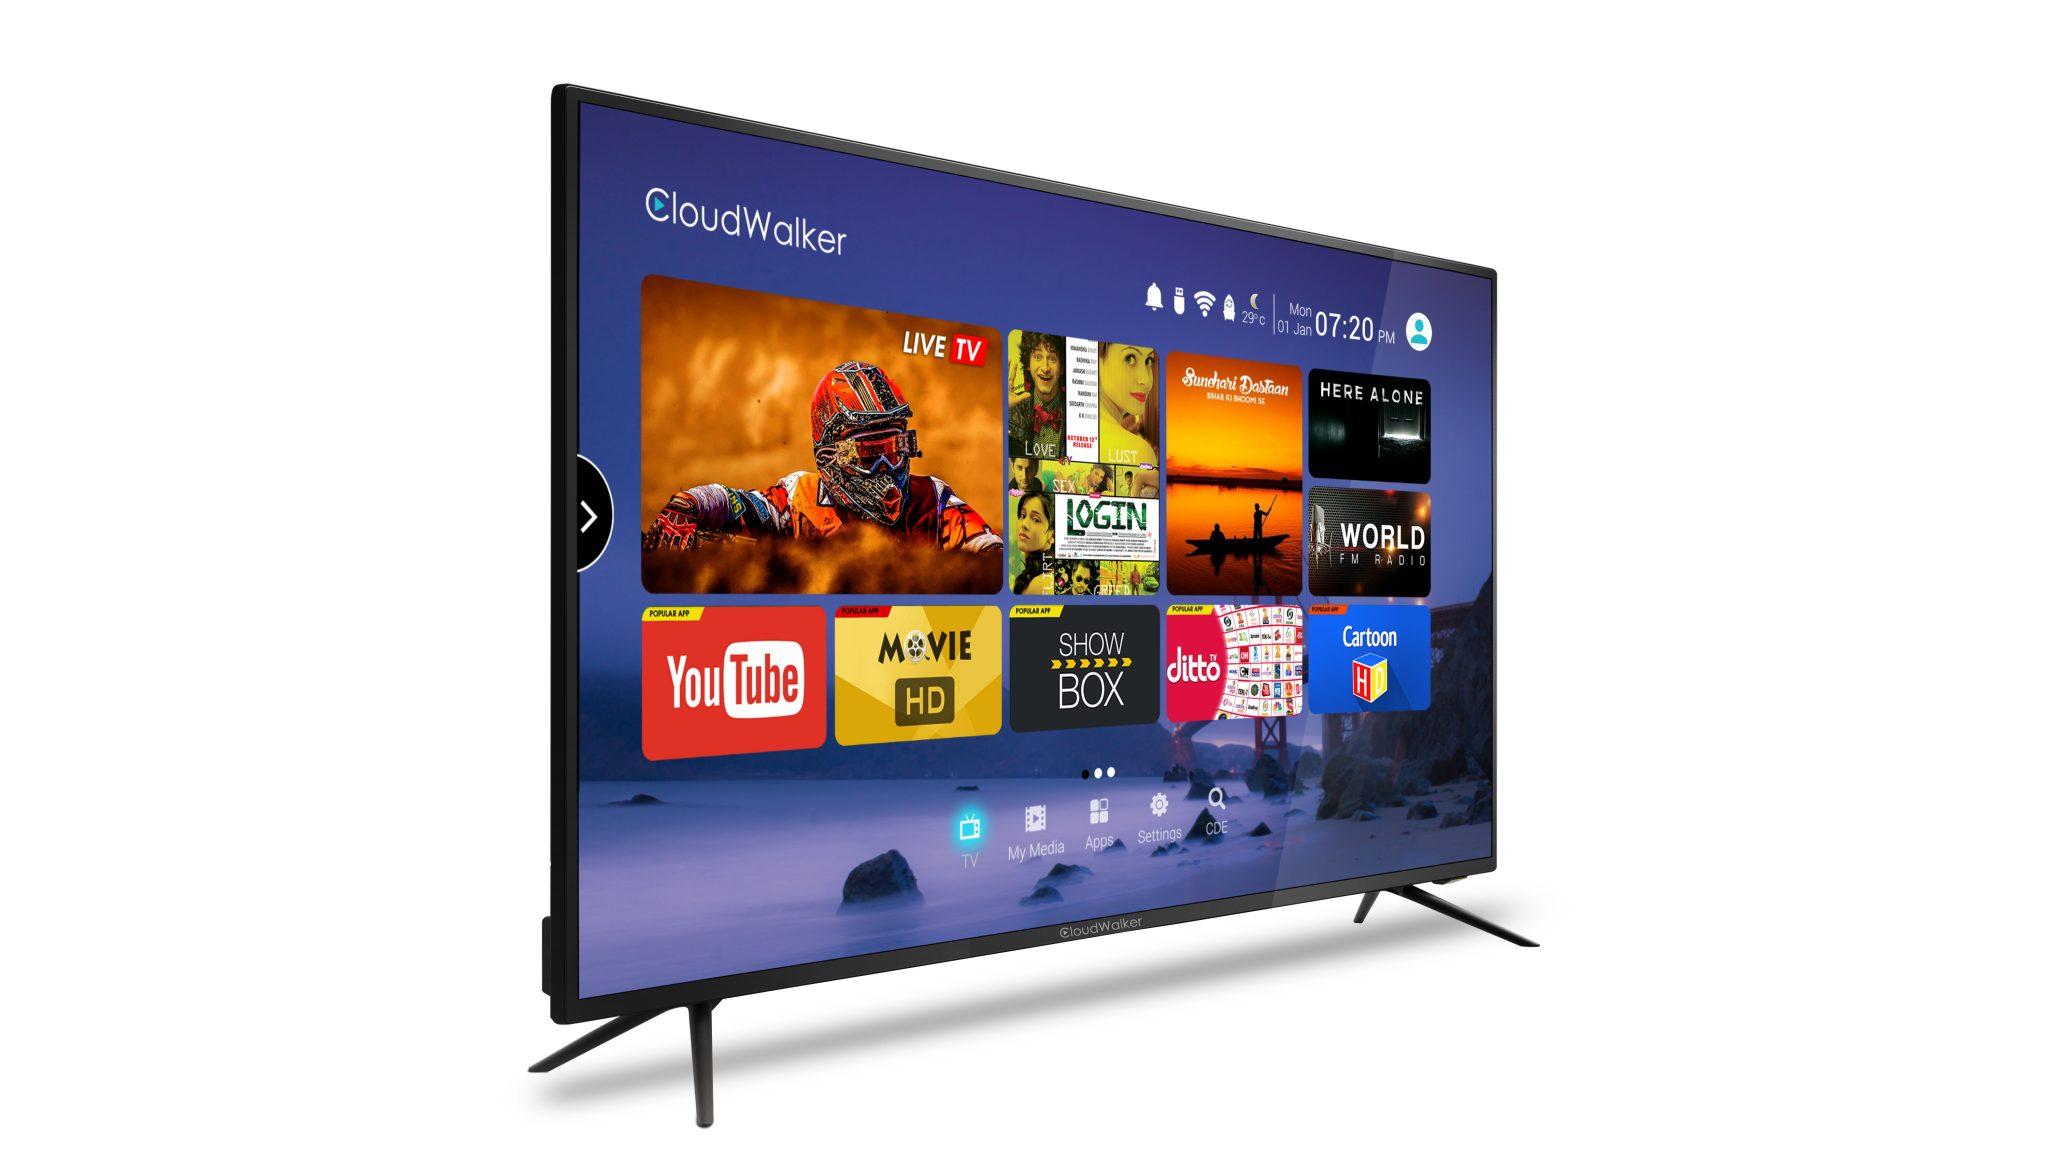 Full hd cloudwalker 4k led tv – good and impressive value for money